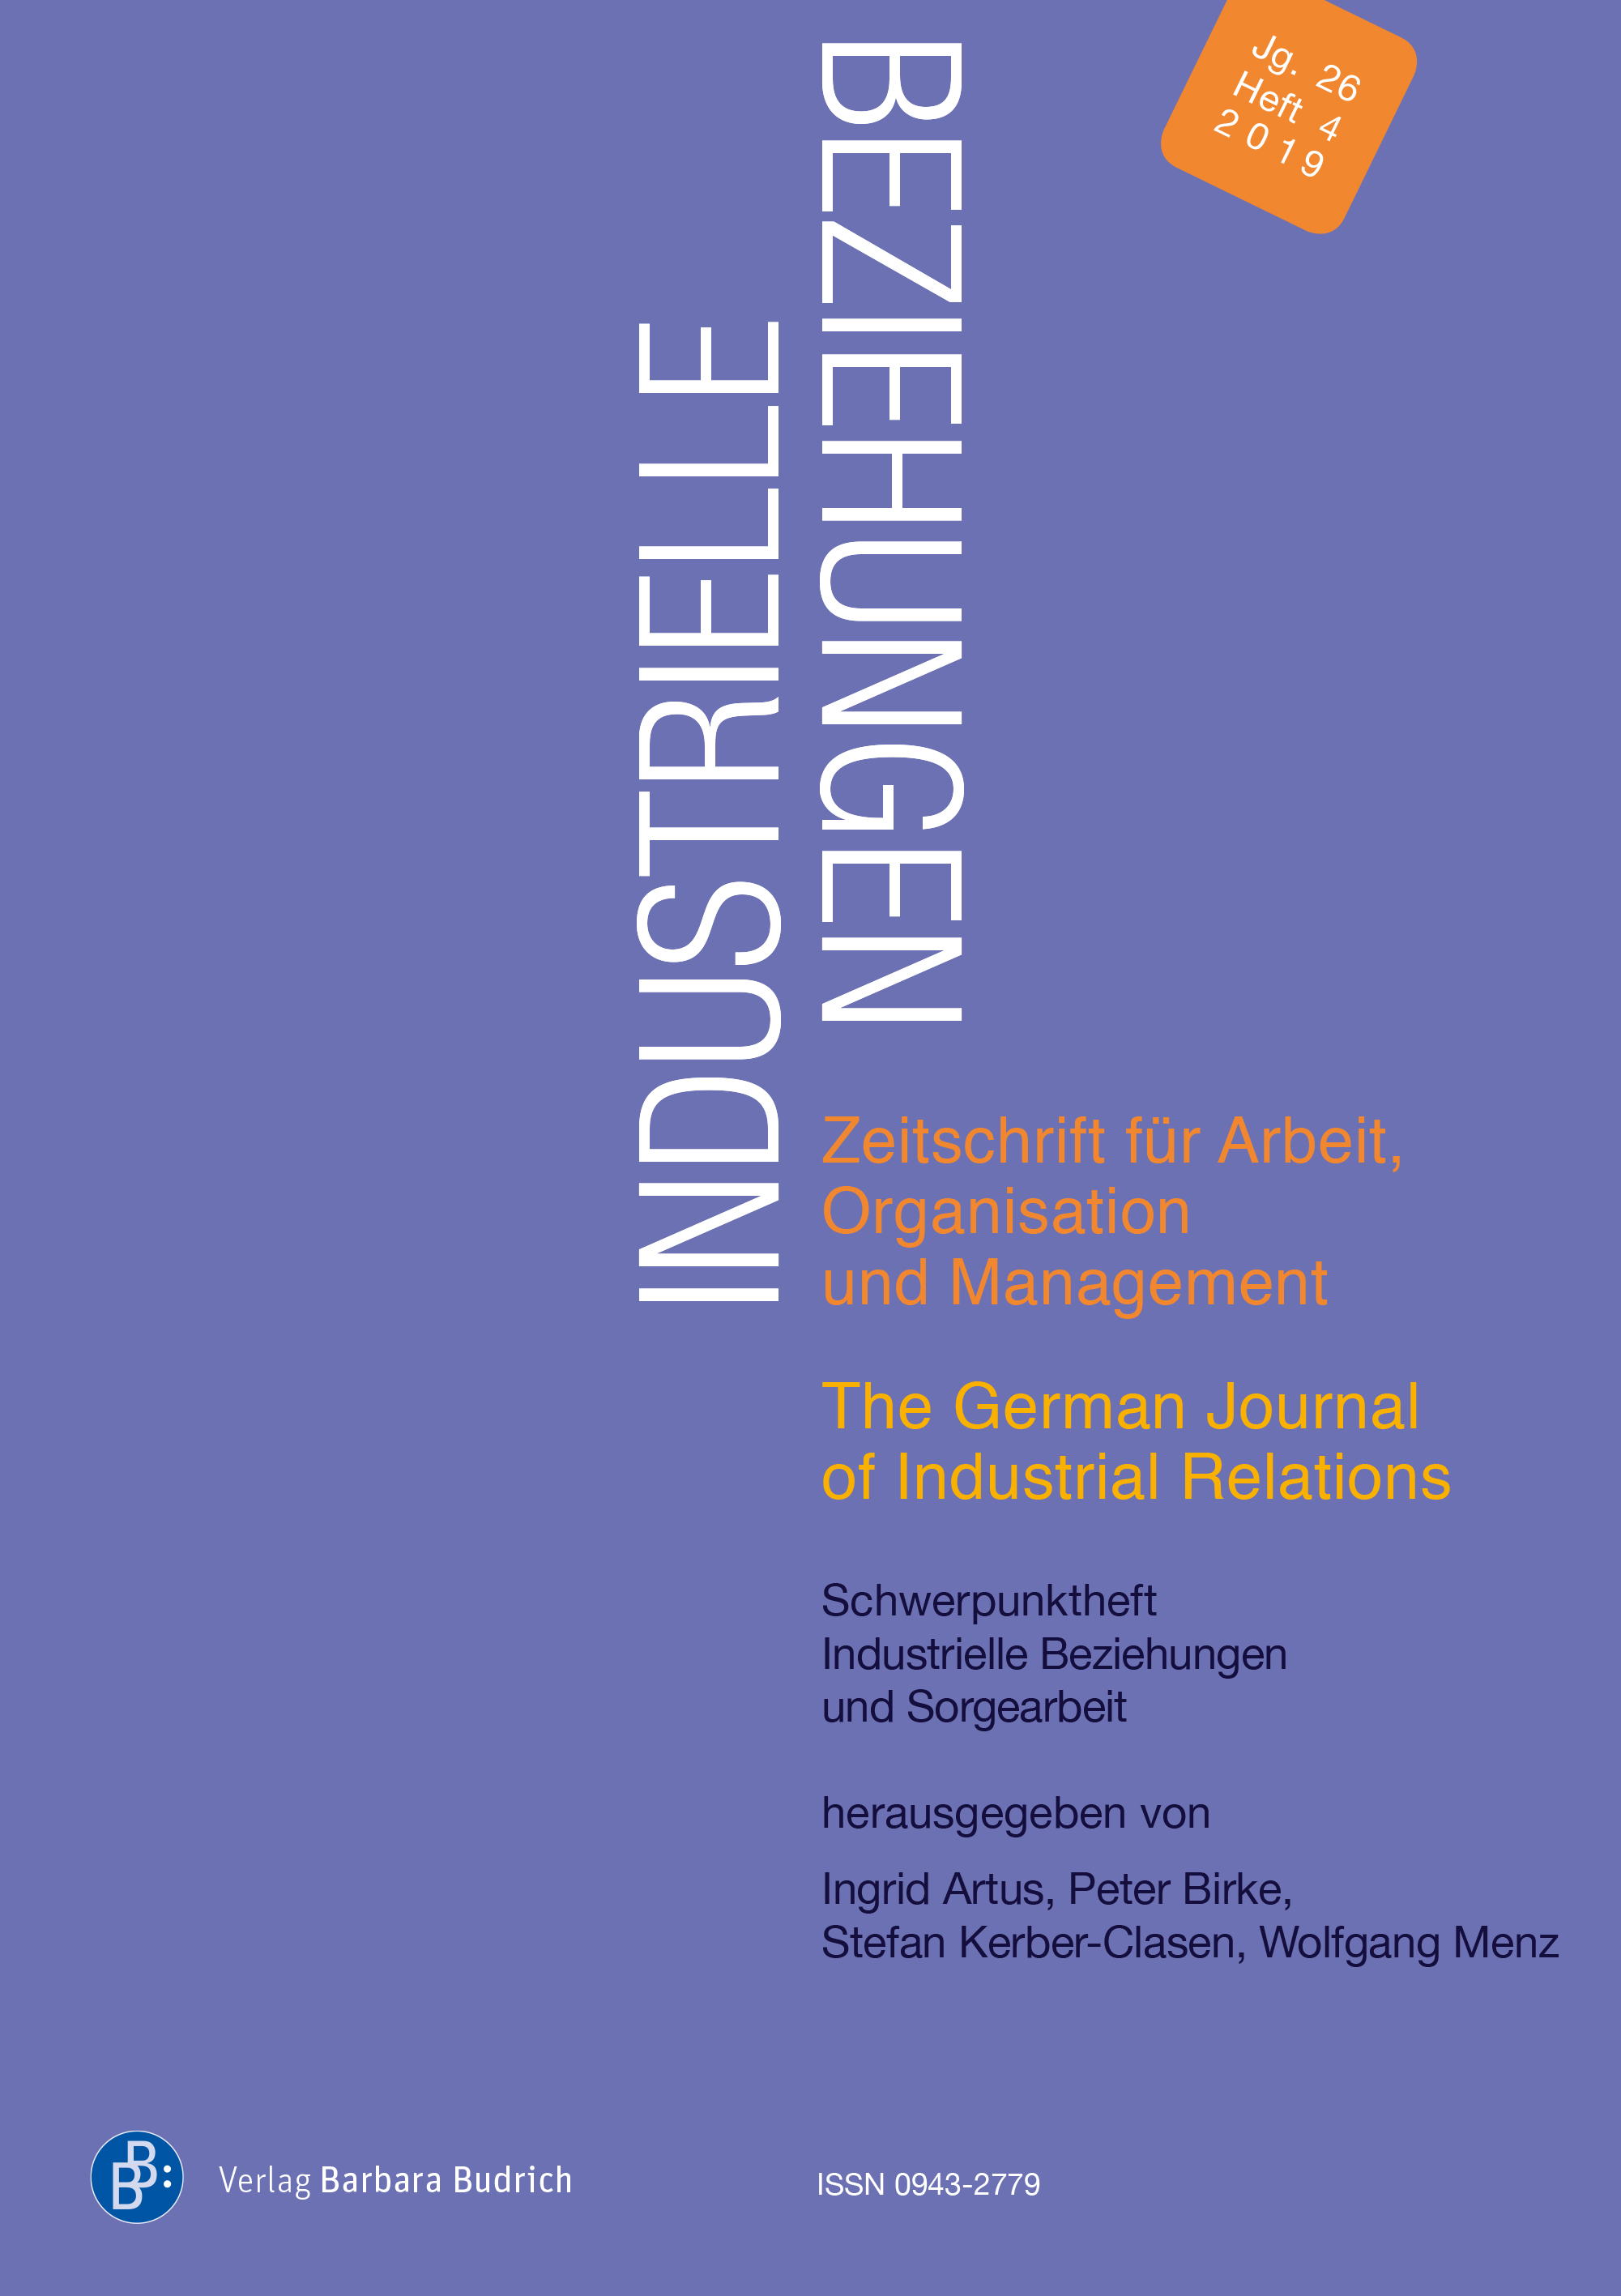 Industrielle Beziehungen. Zeitschrift für Arbeit, Organisation und Management 4-2019: Industrielle Beziehungen und Sorgearbeit